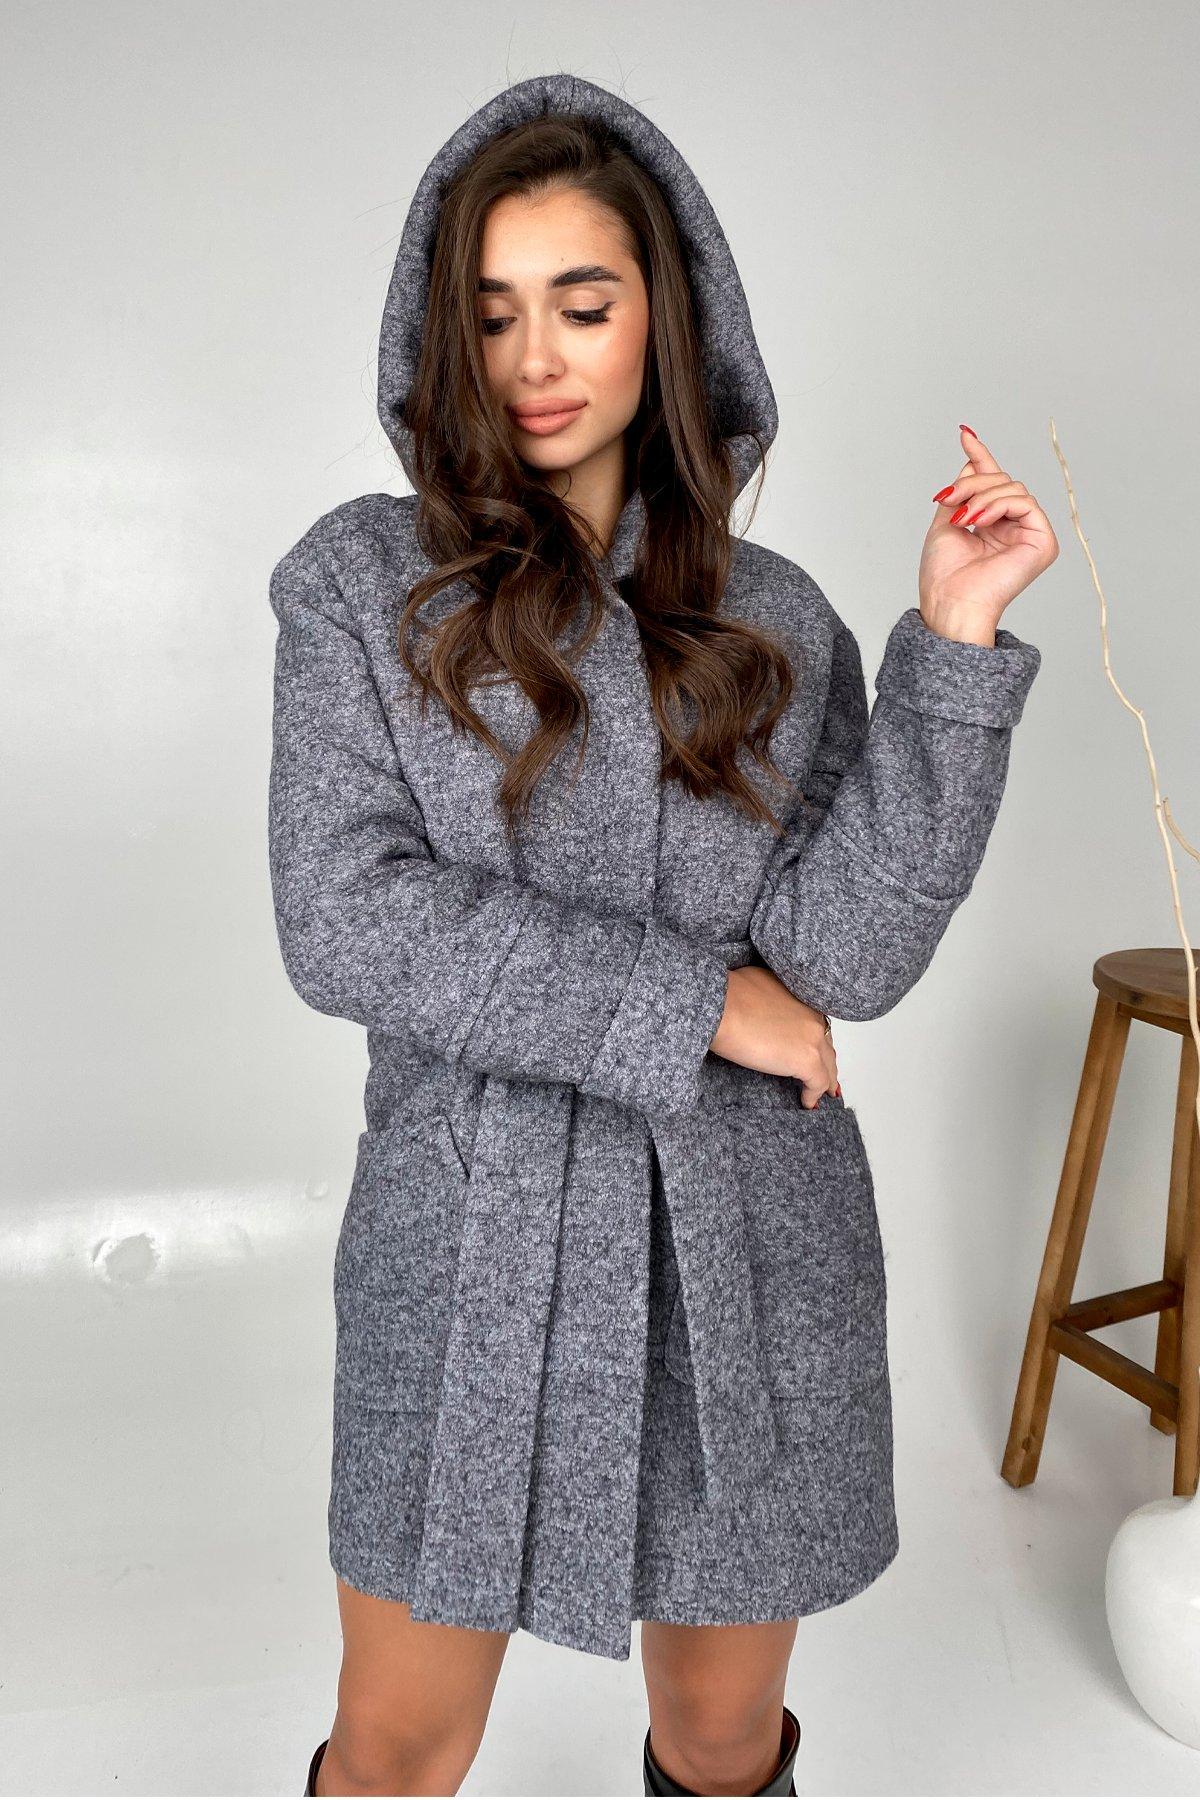 Анита шерсть варенка зима без меха пальто 9936 АРТ. 46224 Цвет: серый темный 5 - фото 4, интернет магазин tm-modus.ru